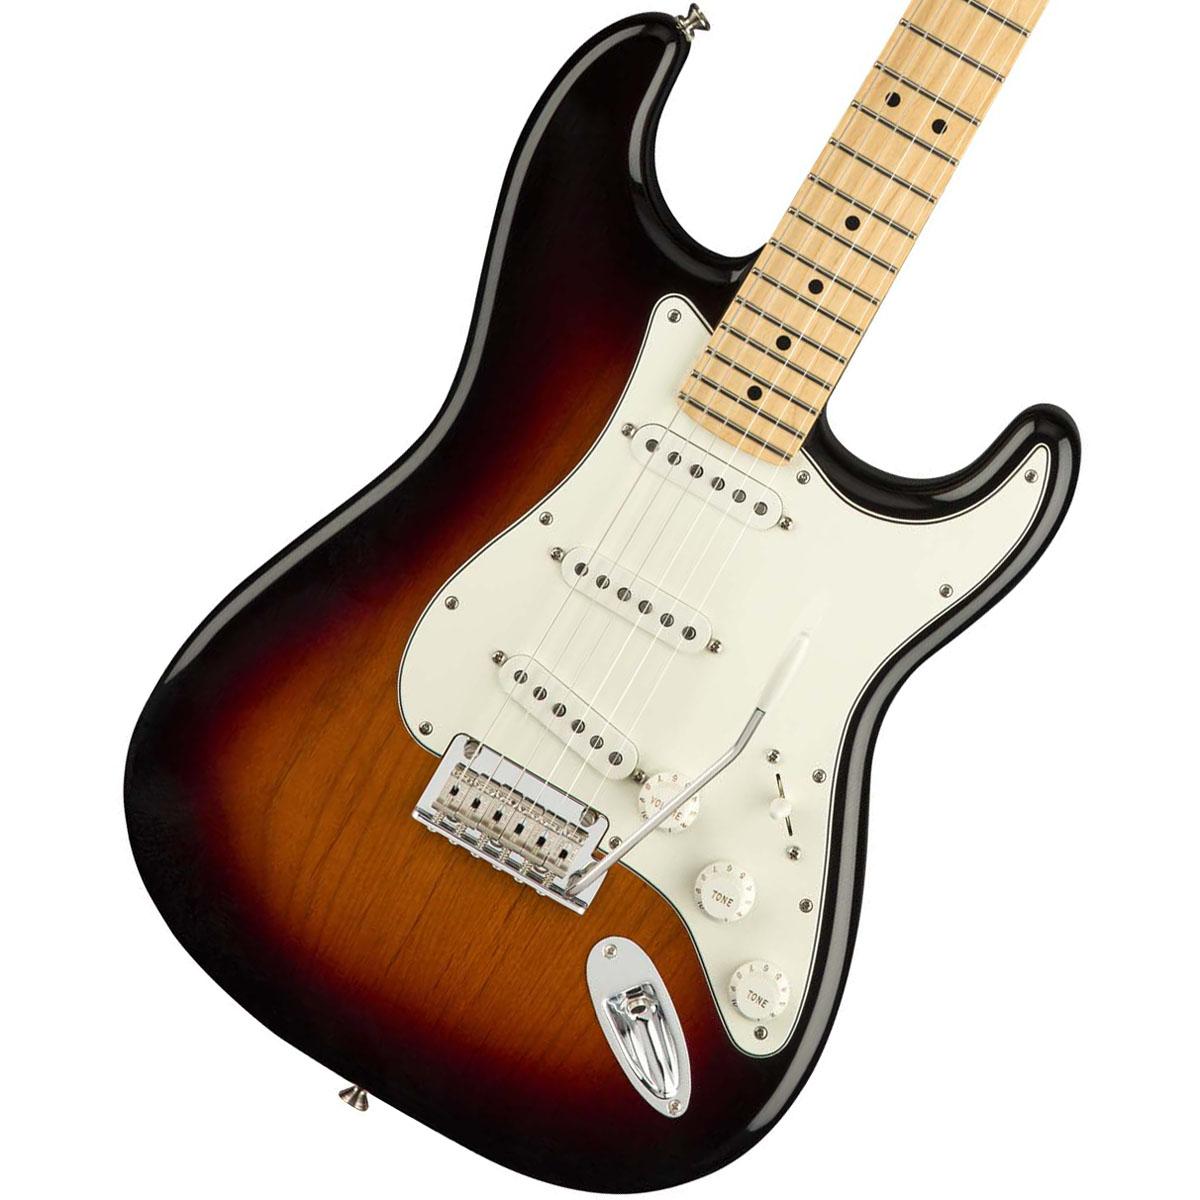 【タイムセール:29日12時まで】Fender / Player Series Stratocaster 3 Color Sunburst Maple 【YRK】【新品特価】